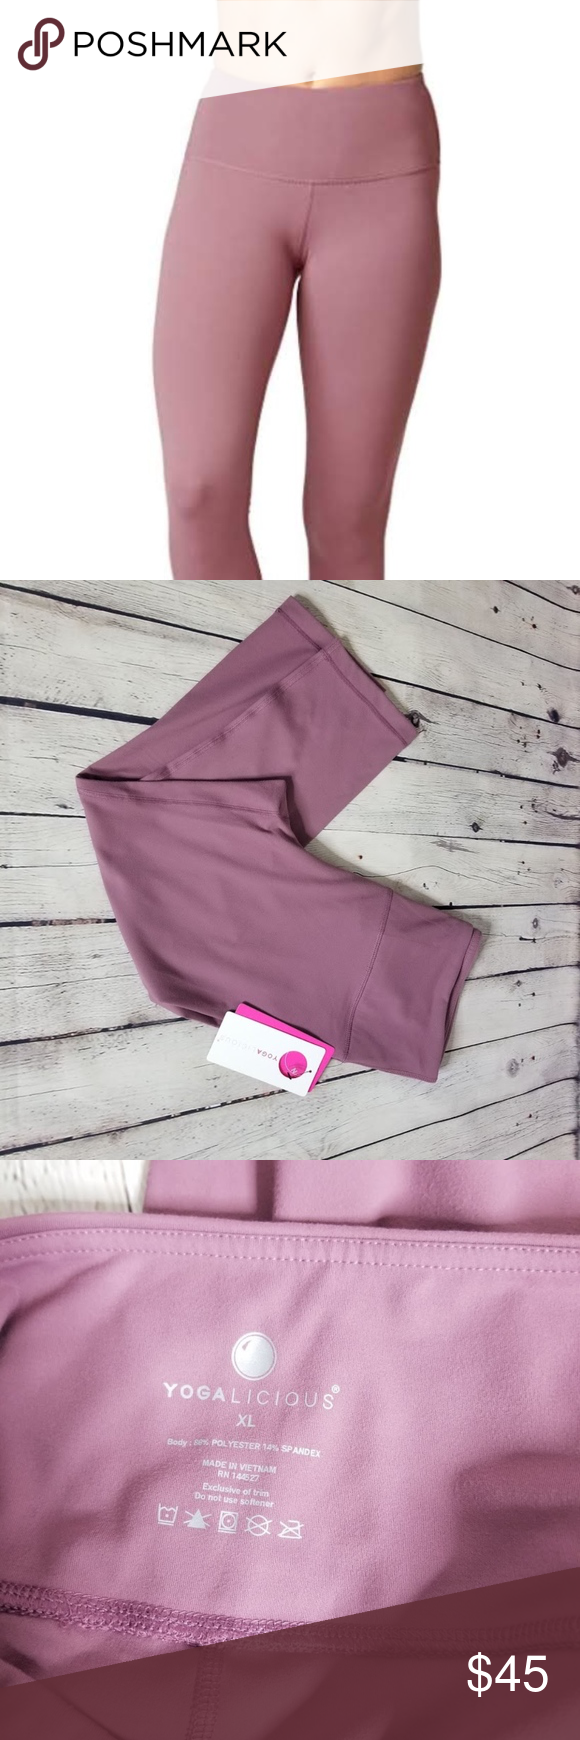 a3ce094e72de9 Yogalicious high waist capri yoga pants activewear NWT Yogalicious high  waist Capri nude tech yoga activewear